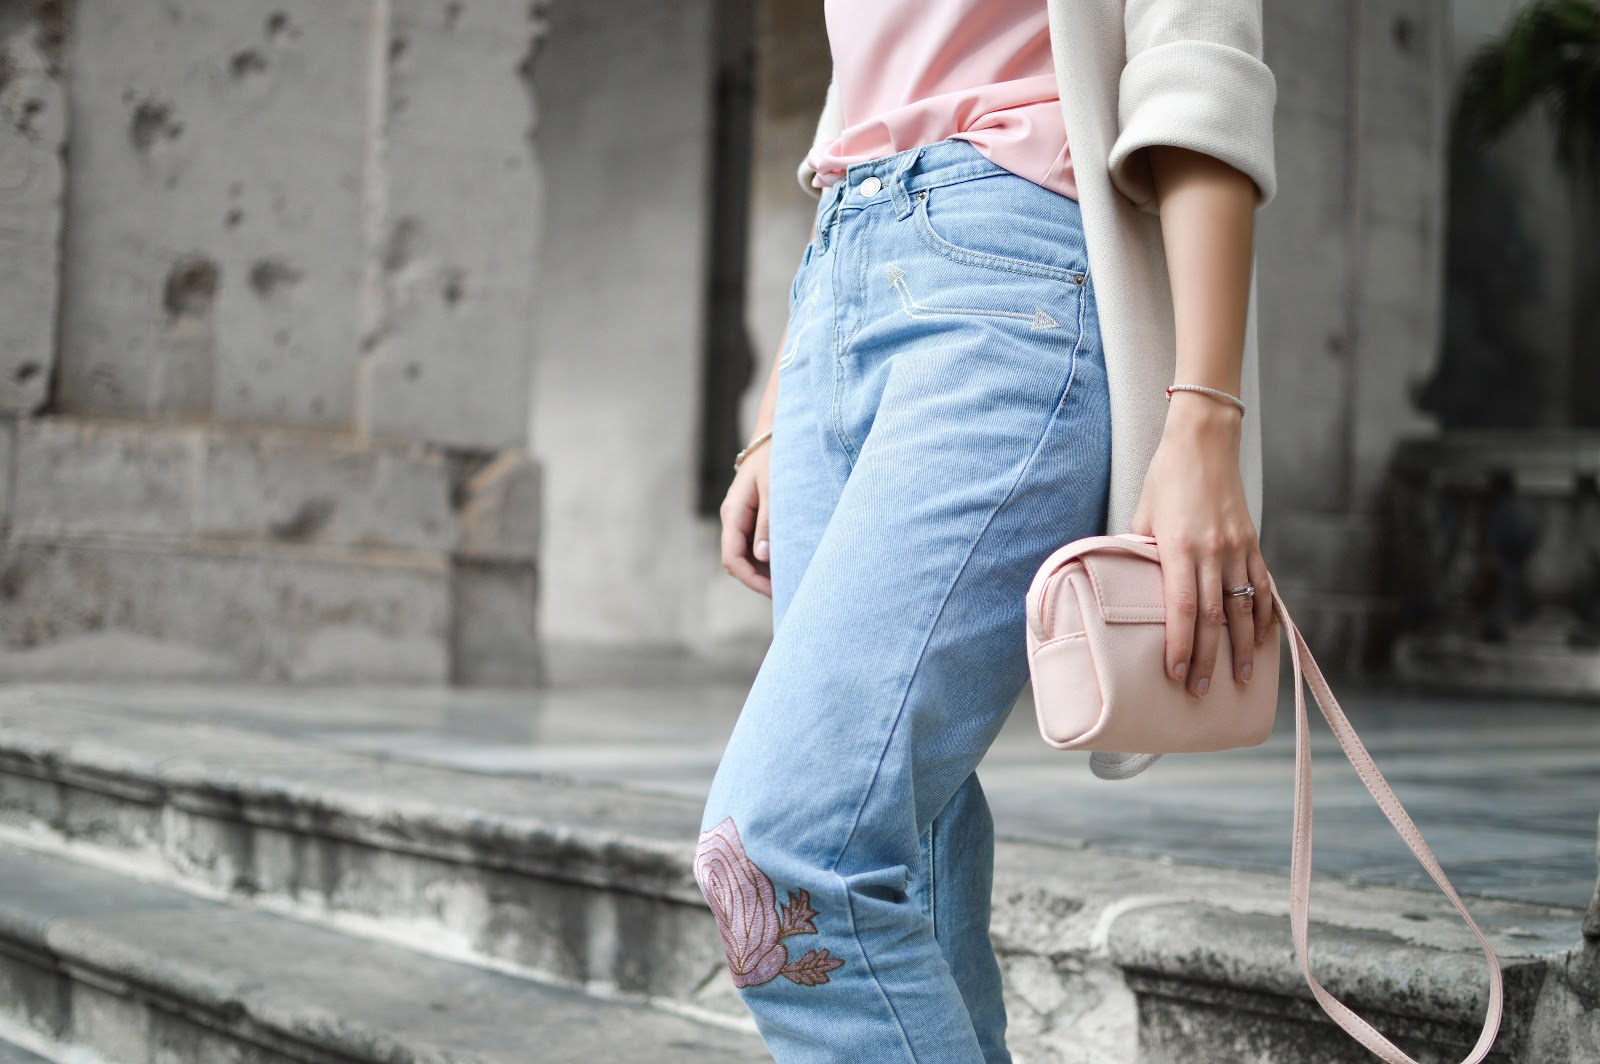 Fata cu o geanta tip plic roz deschis